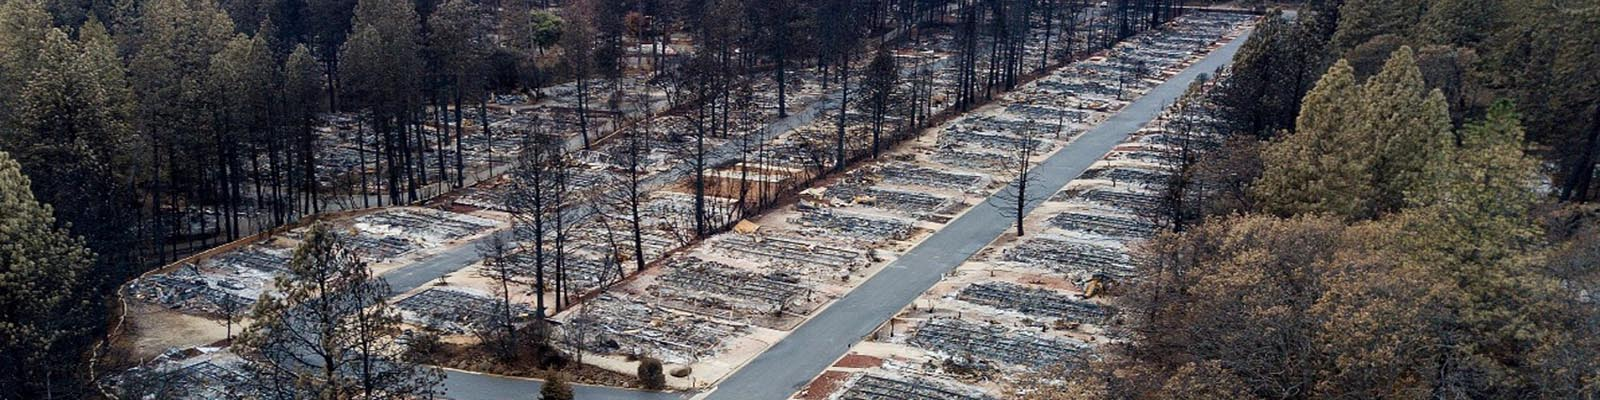 Burned neighborhood